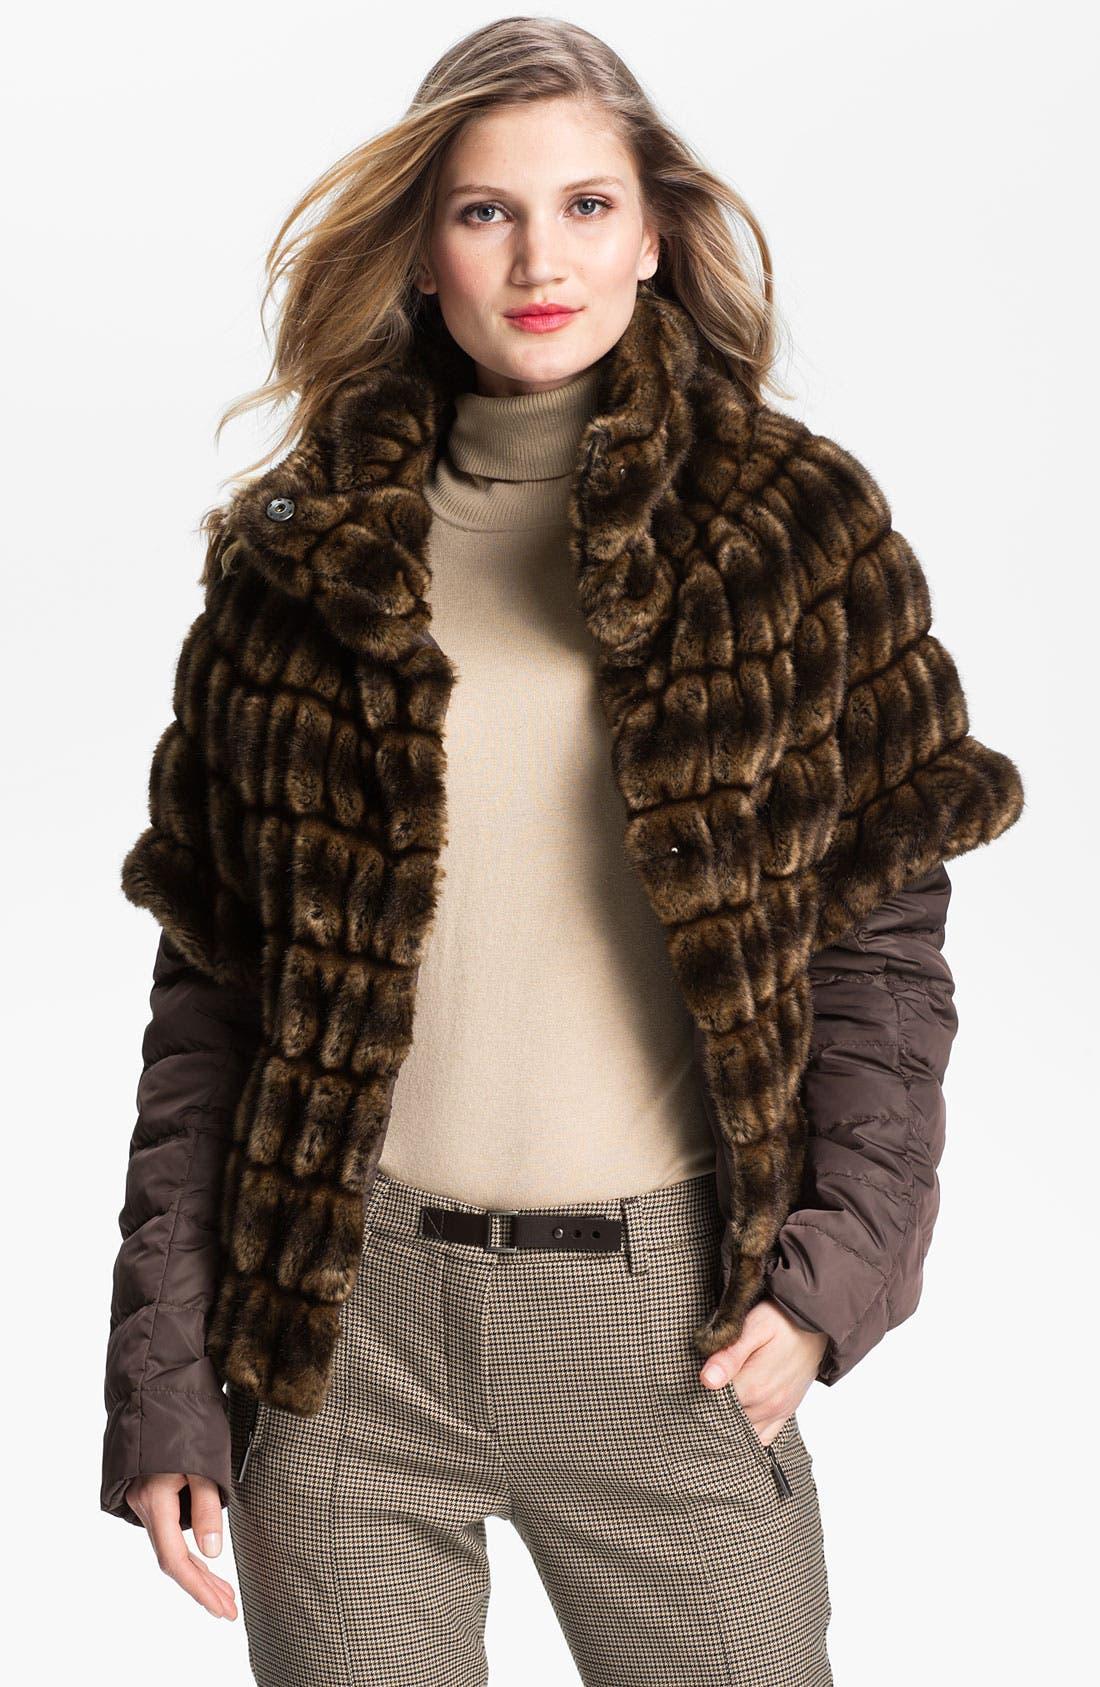 Alternate Image 1 Selected - Weekend Max Mara 'Taso' Faux Fur Jacket